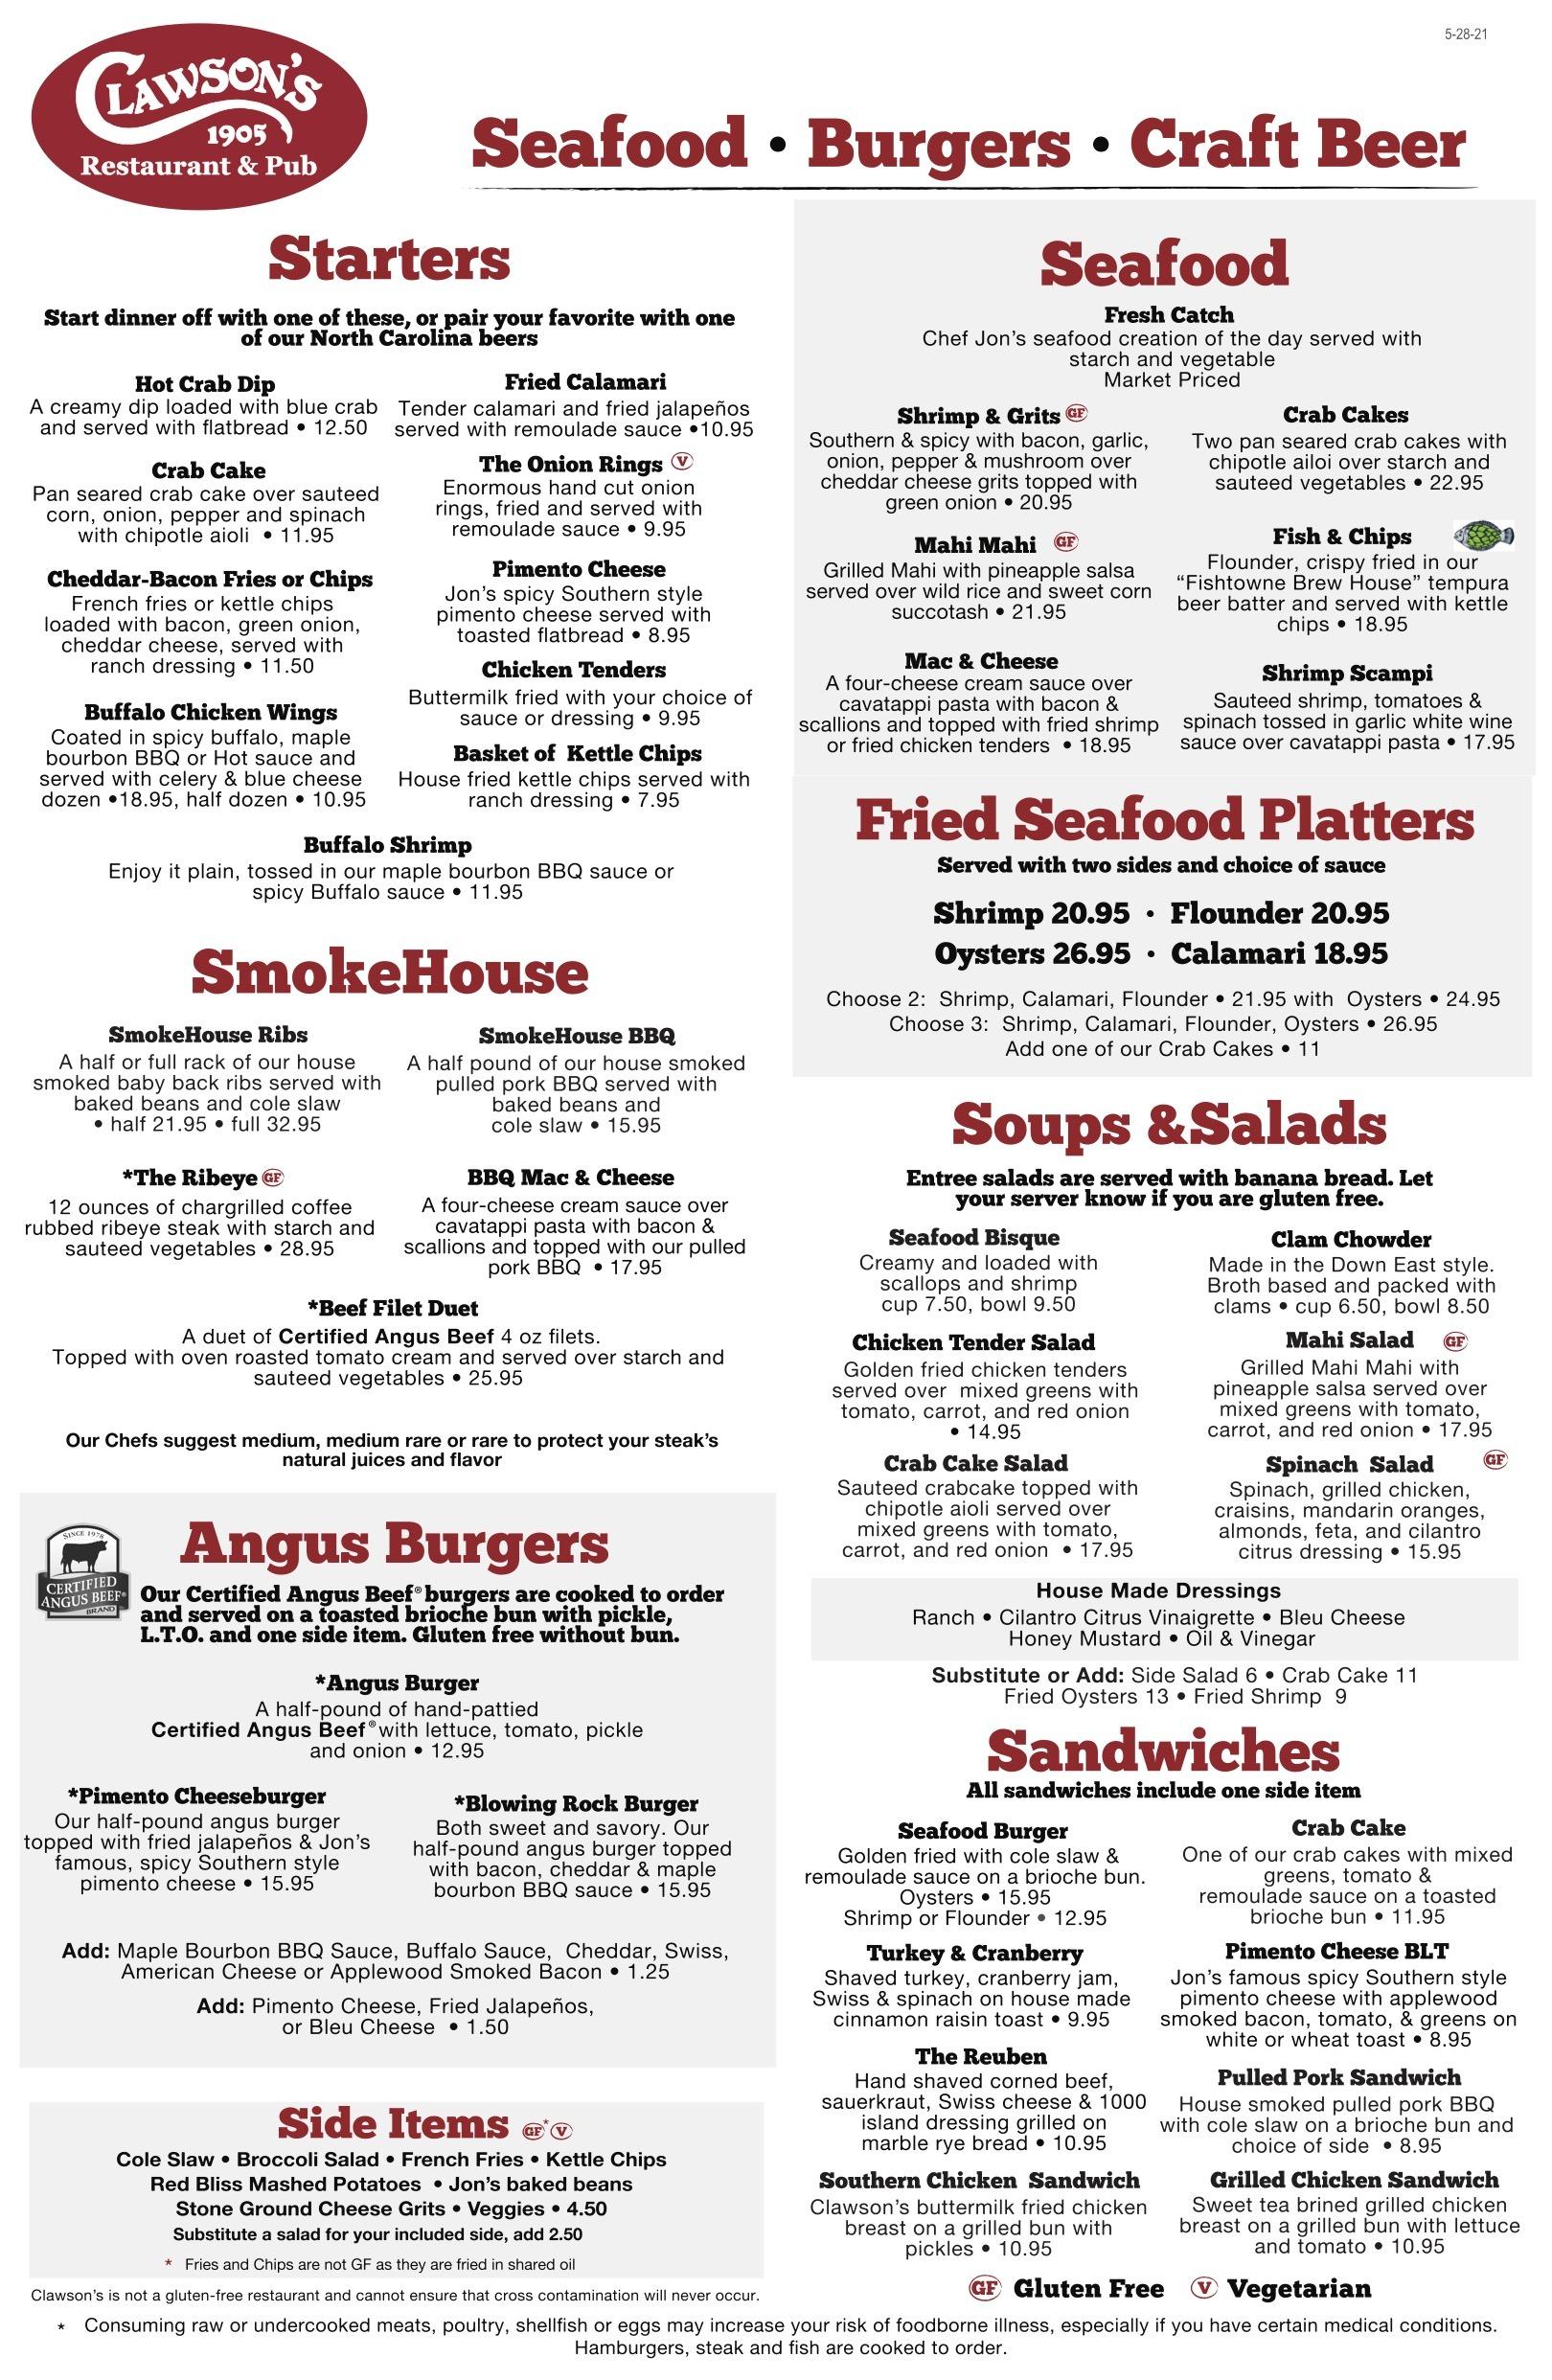 Clawsons food menu 6-1-21